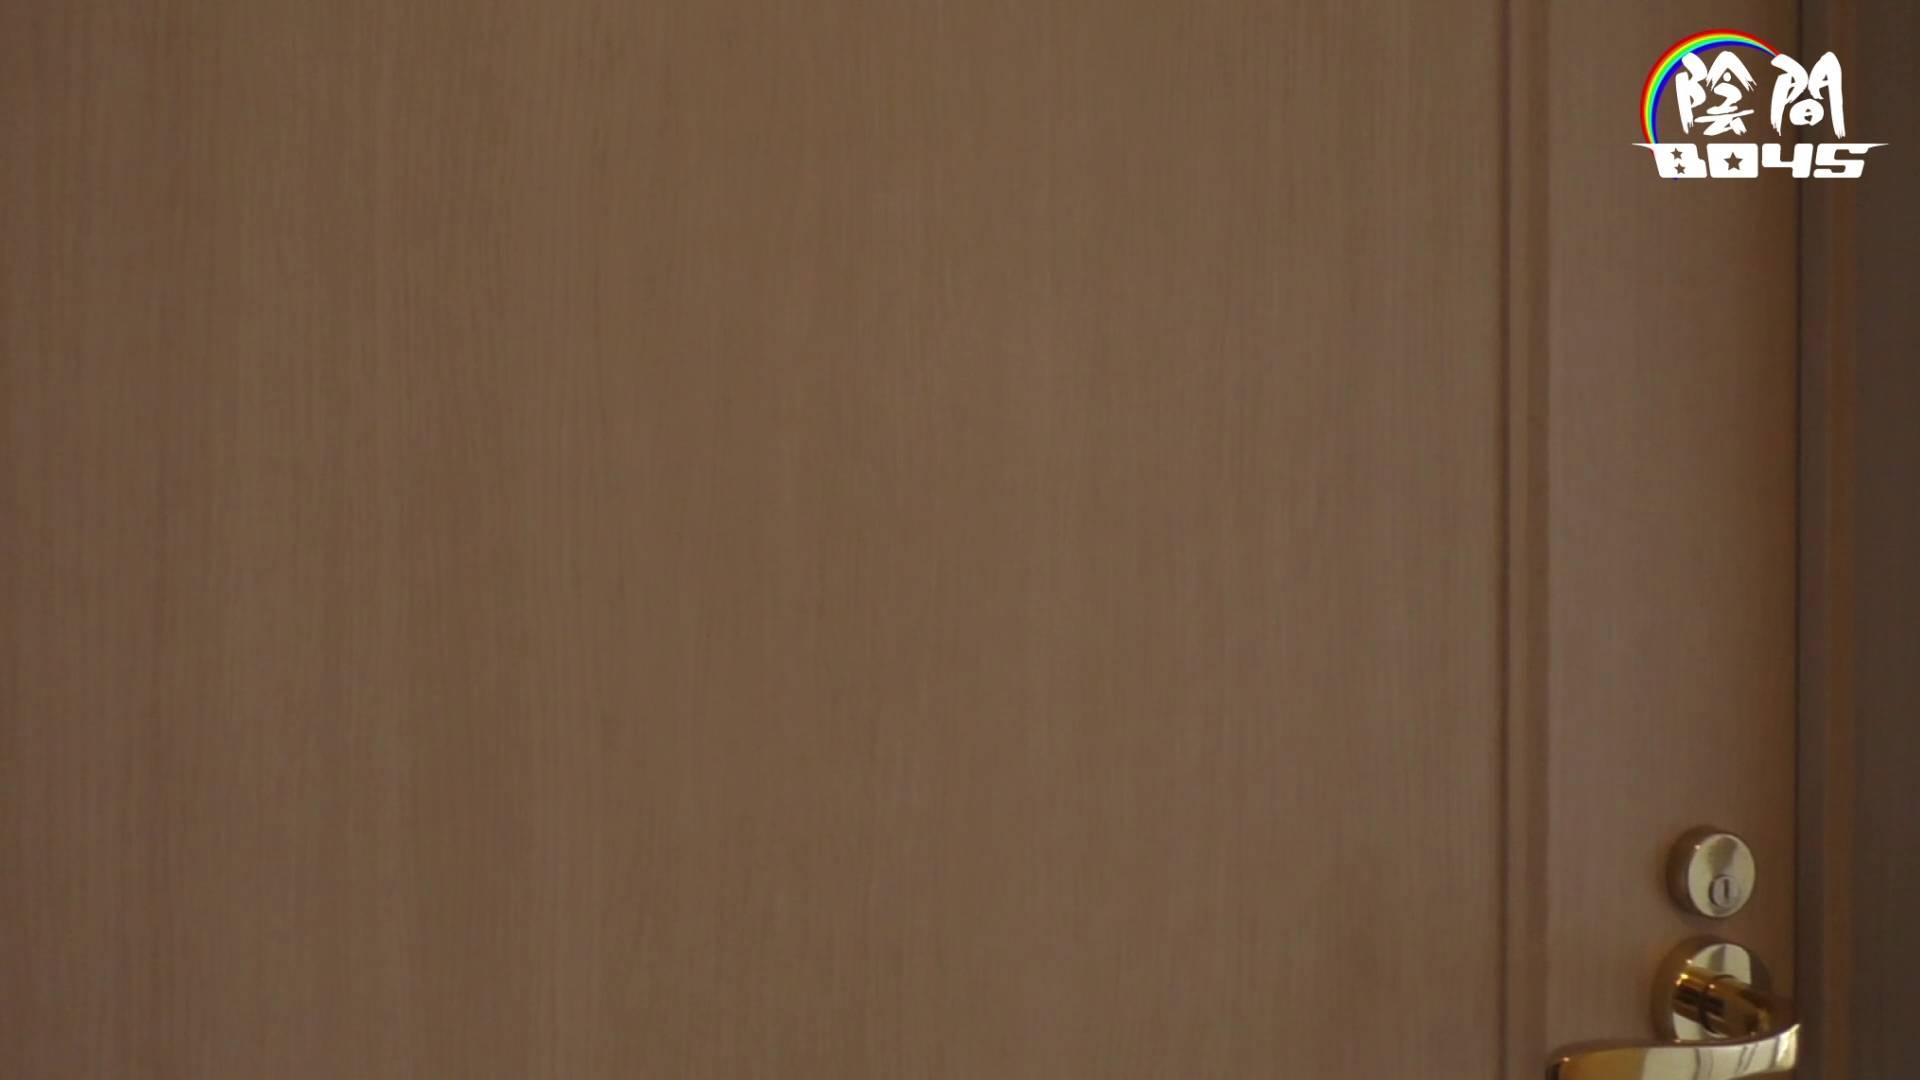 「君のアナルは」part1 ~ノンケの掟破り~Vol.03 無修正 ゲイエロビデオ画像 81pic 68